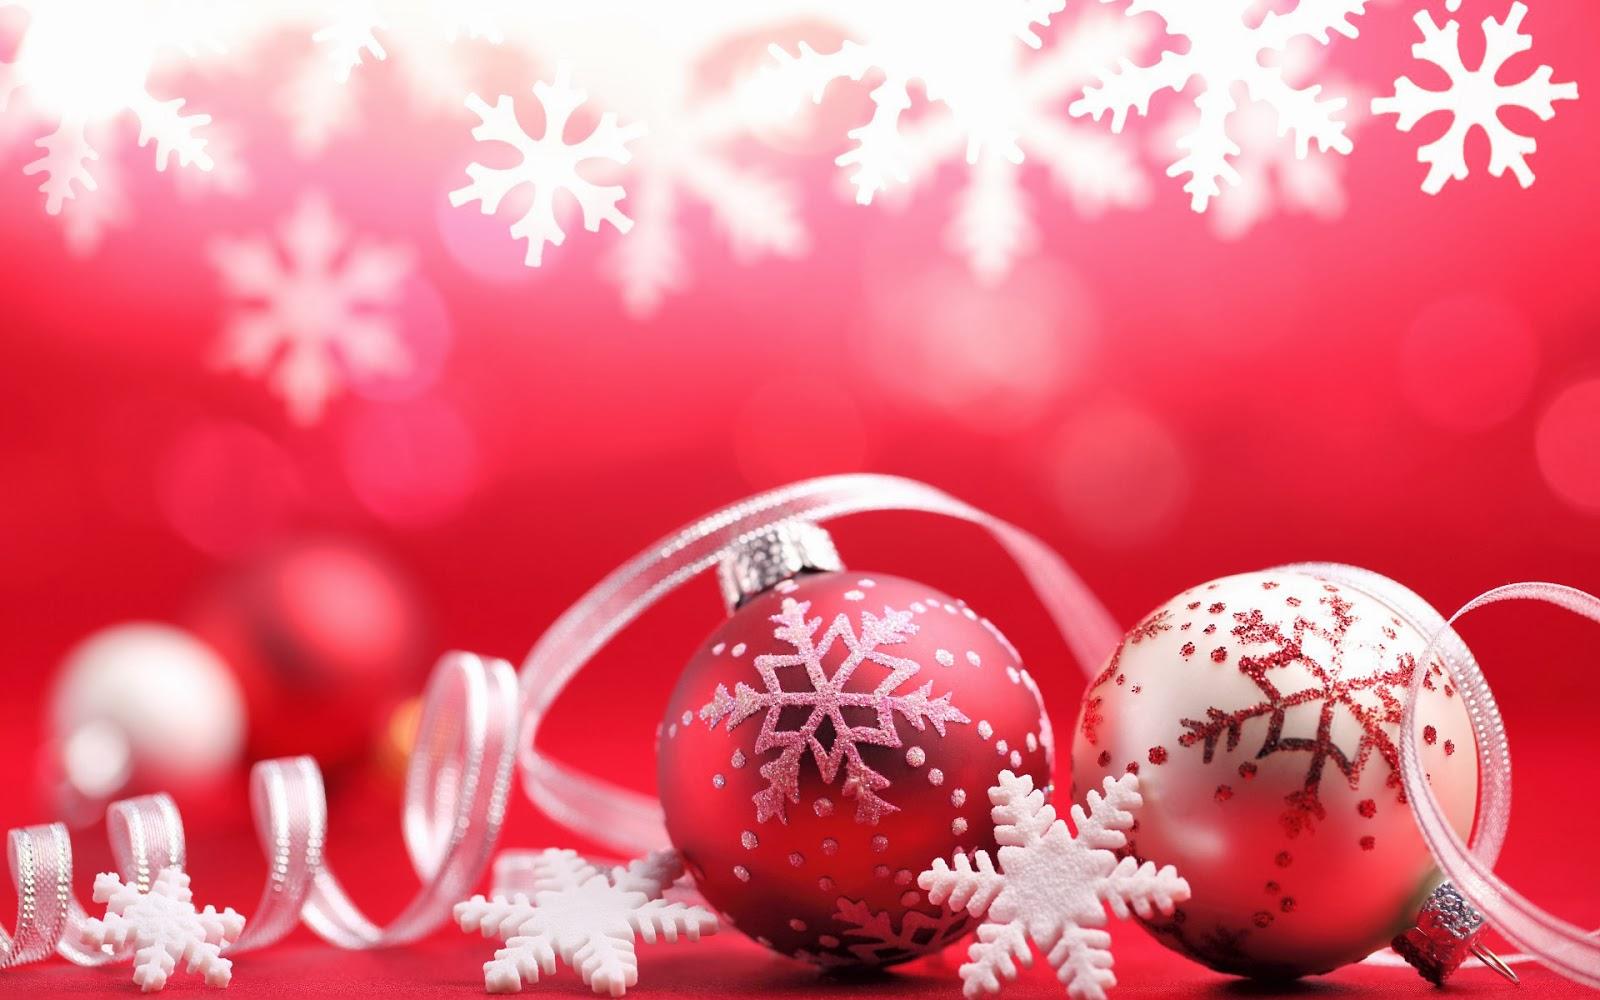 Bilder Roten Wallpaper Mit Weihnachtskugeln Und Schnee Hd